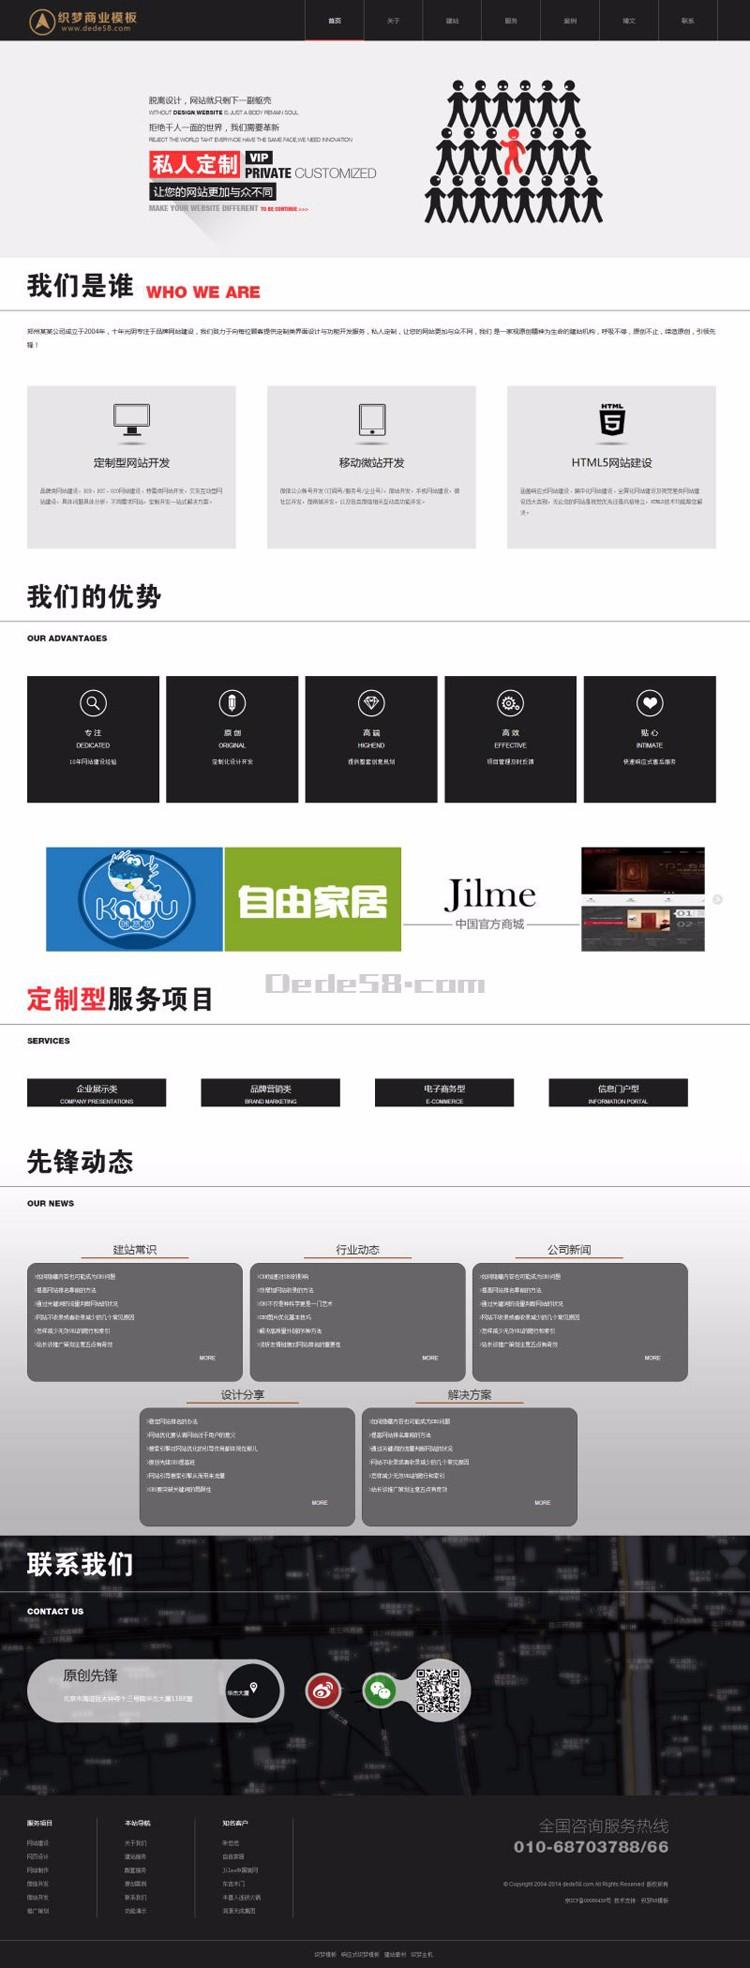 dede58原版-织梦大气黑色网络公司企业网站模板整站数据商业源码